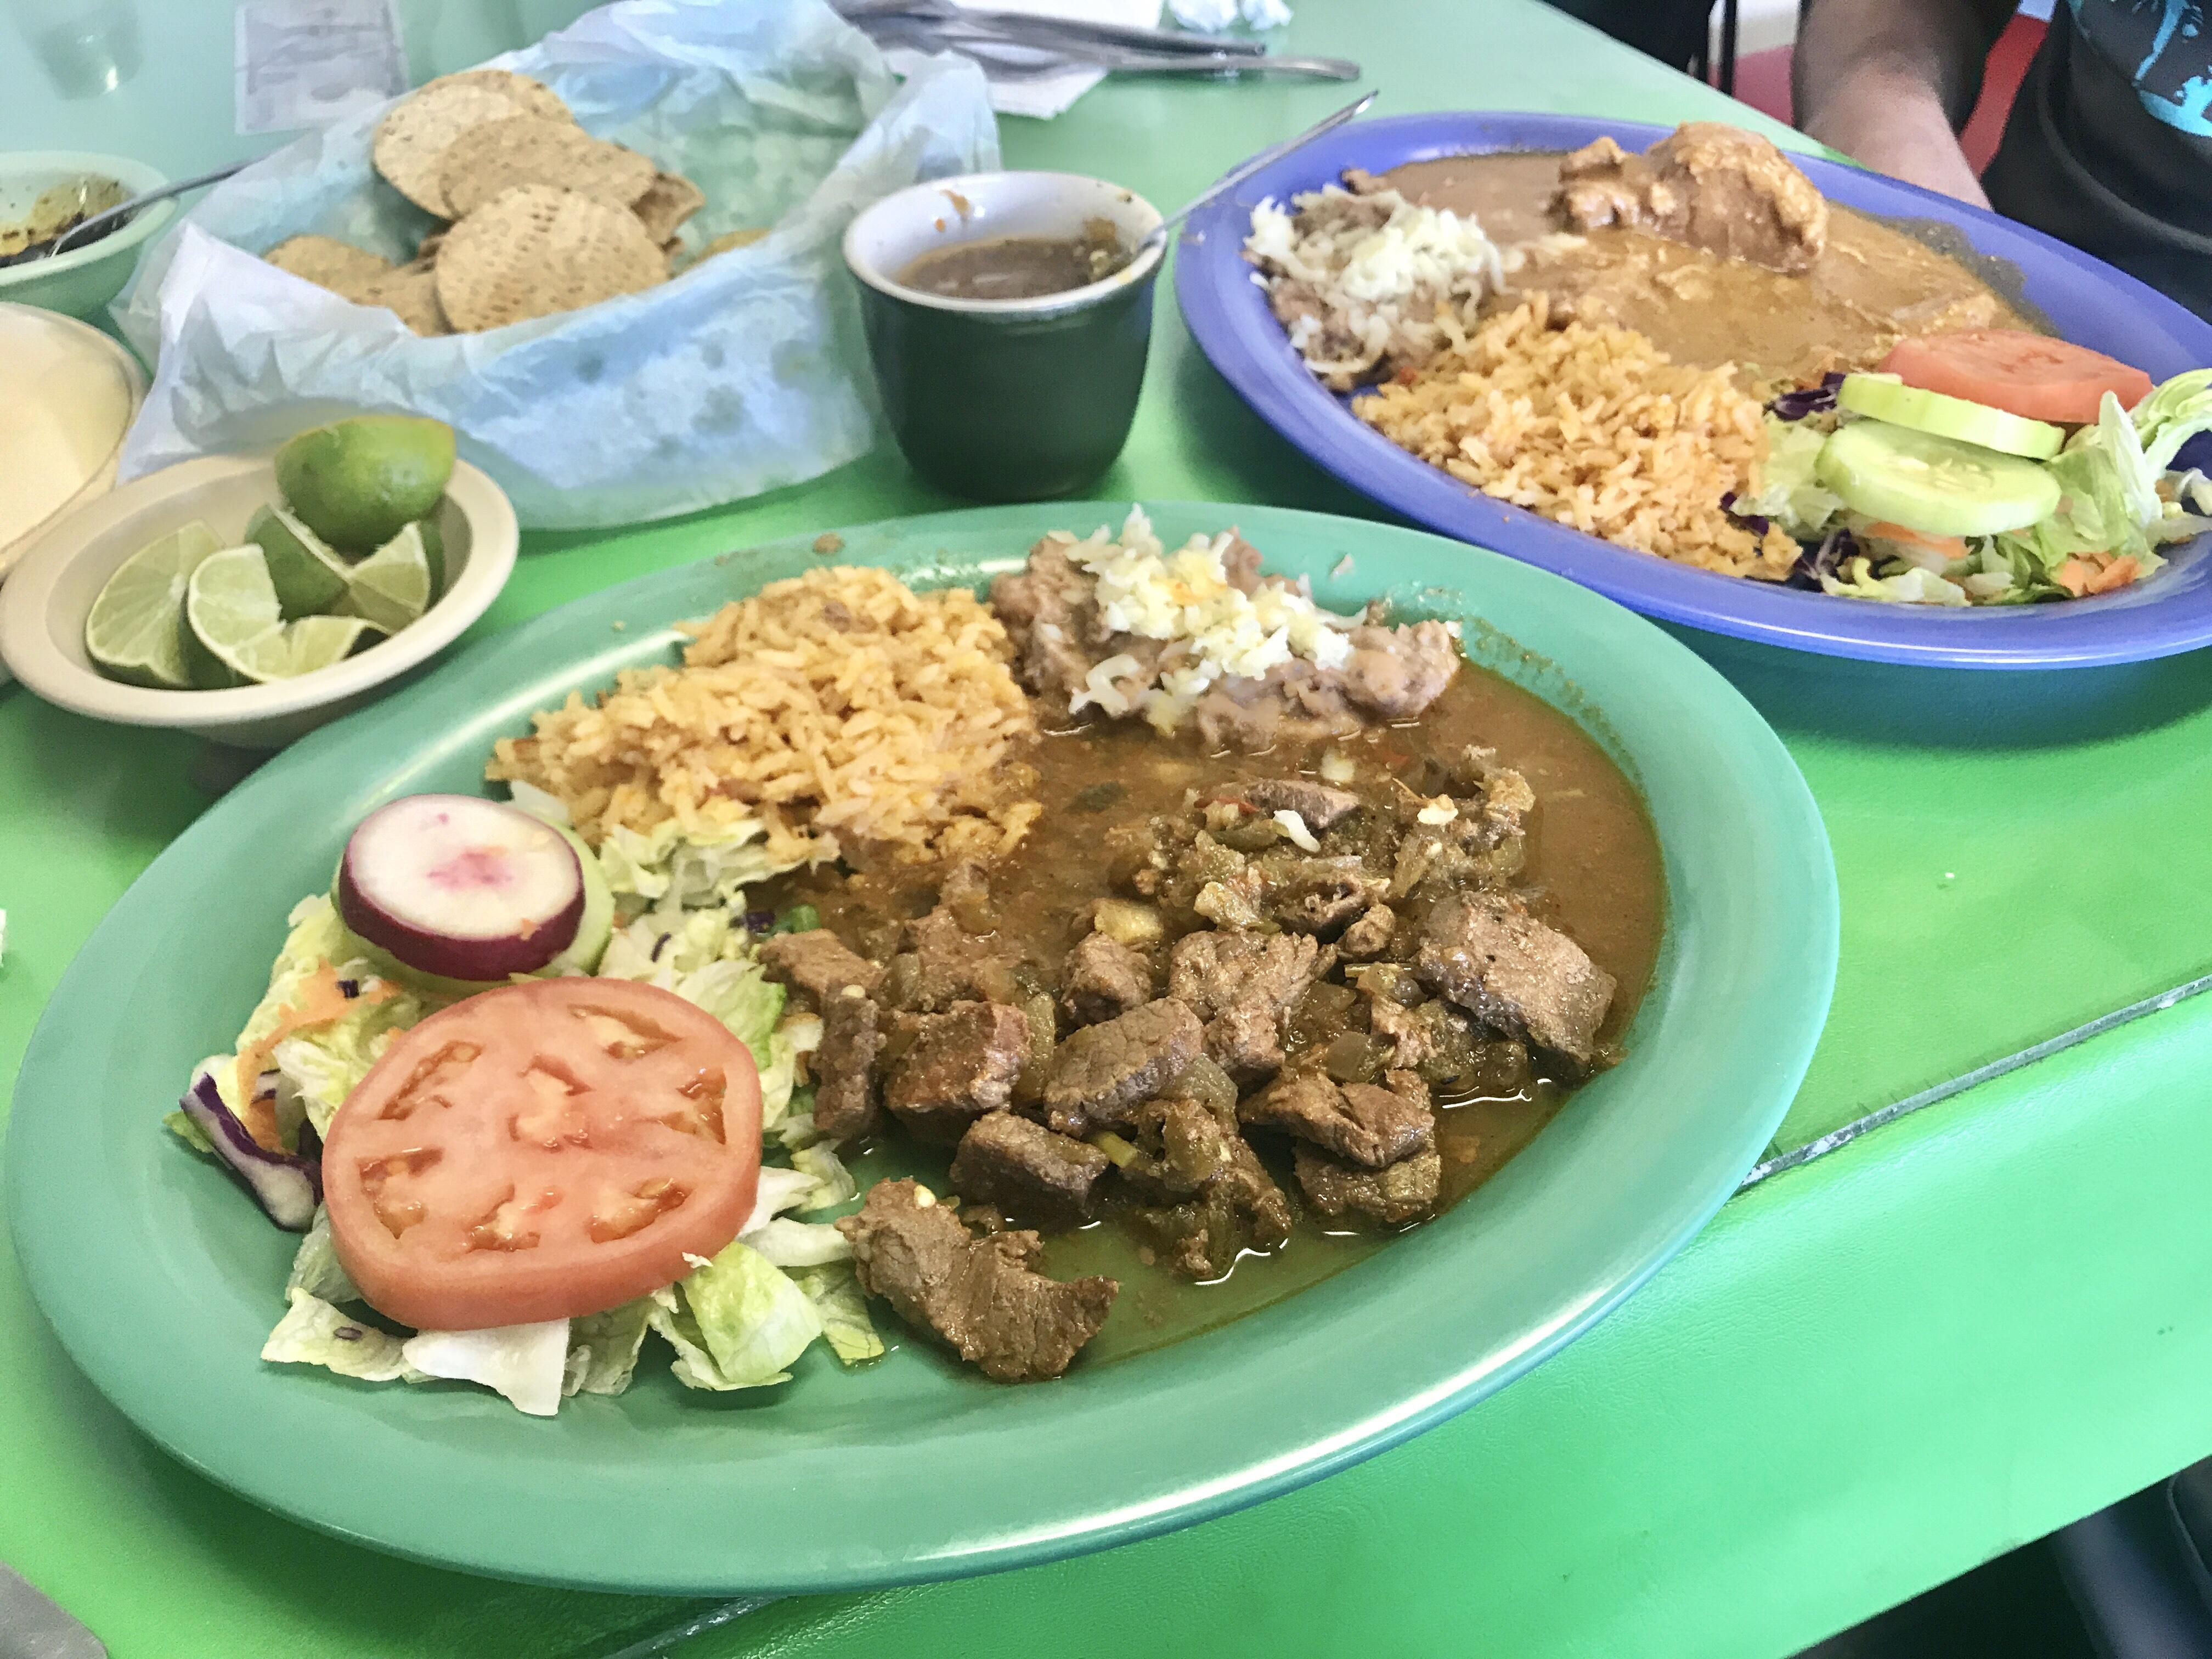 Lunch in El Paso, Texas